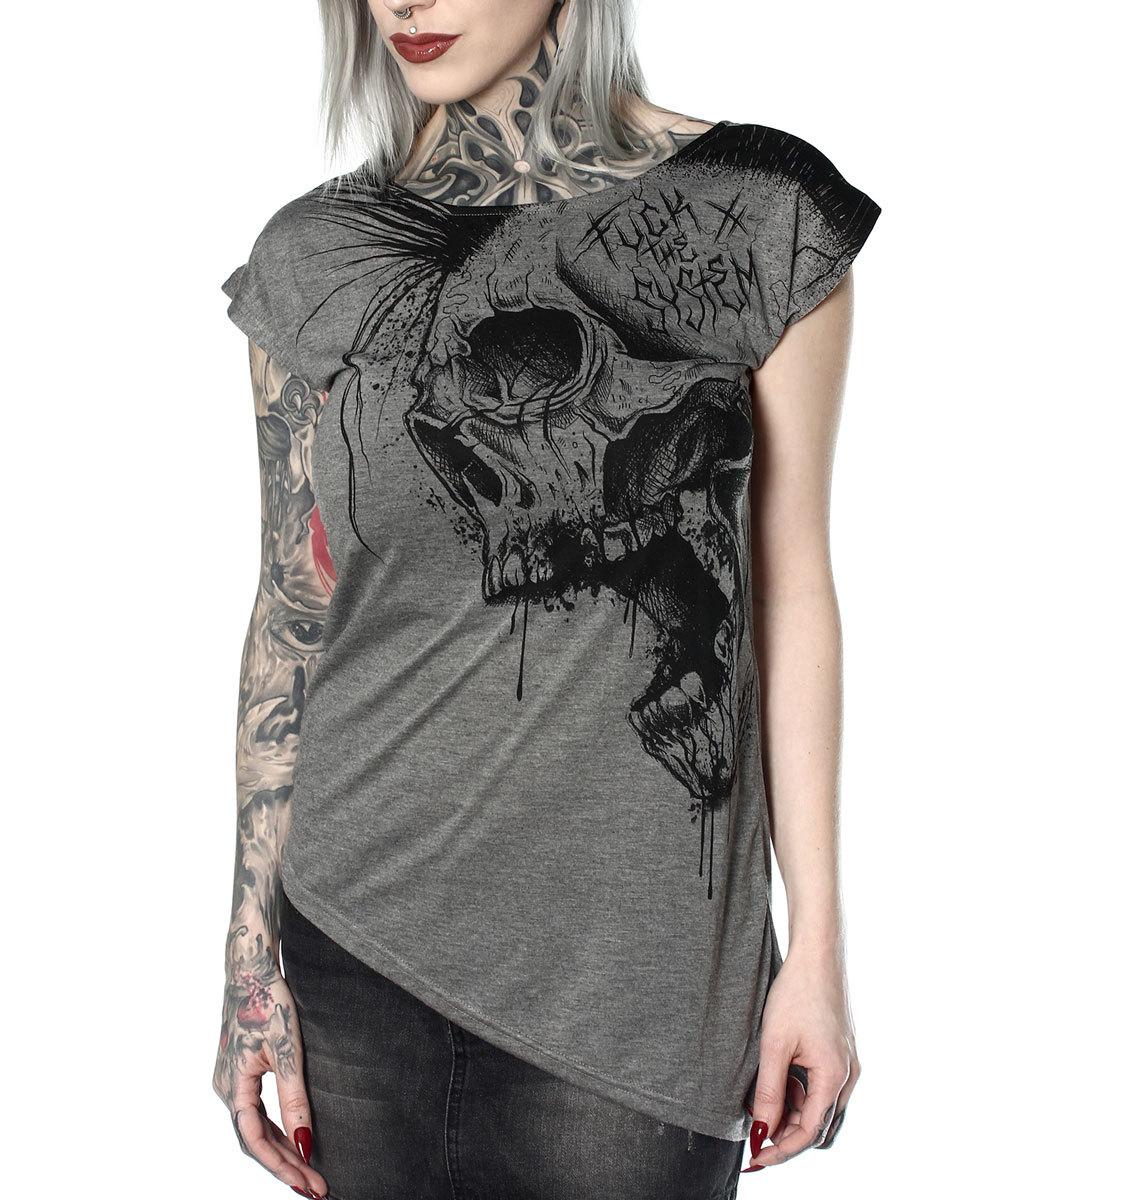 METALSHOP Metal und Punk T Shirts und Schuhe